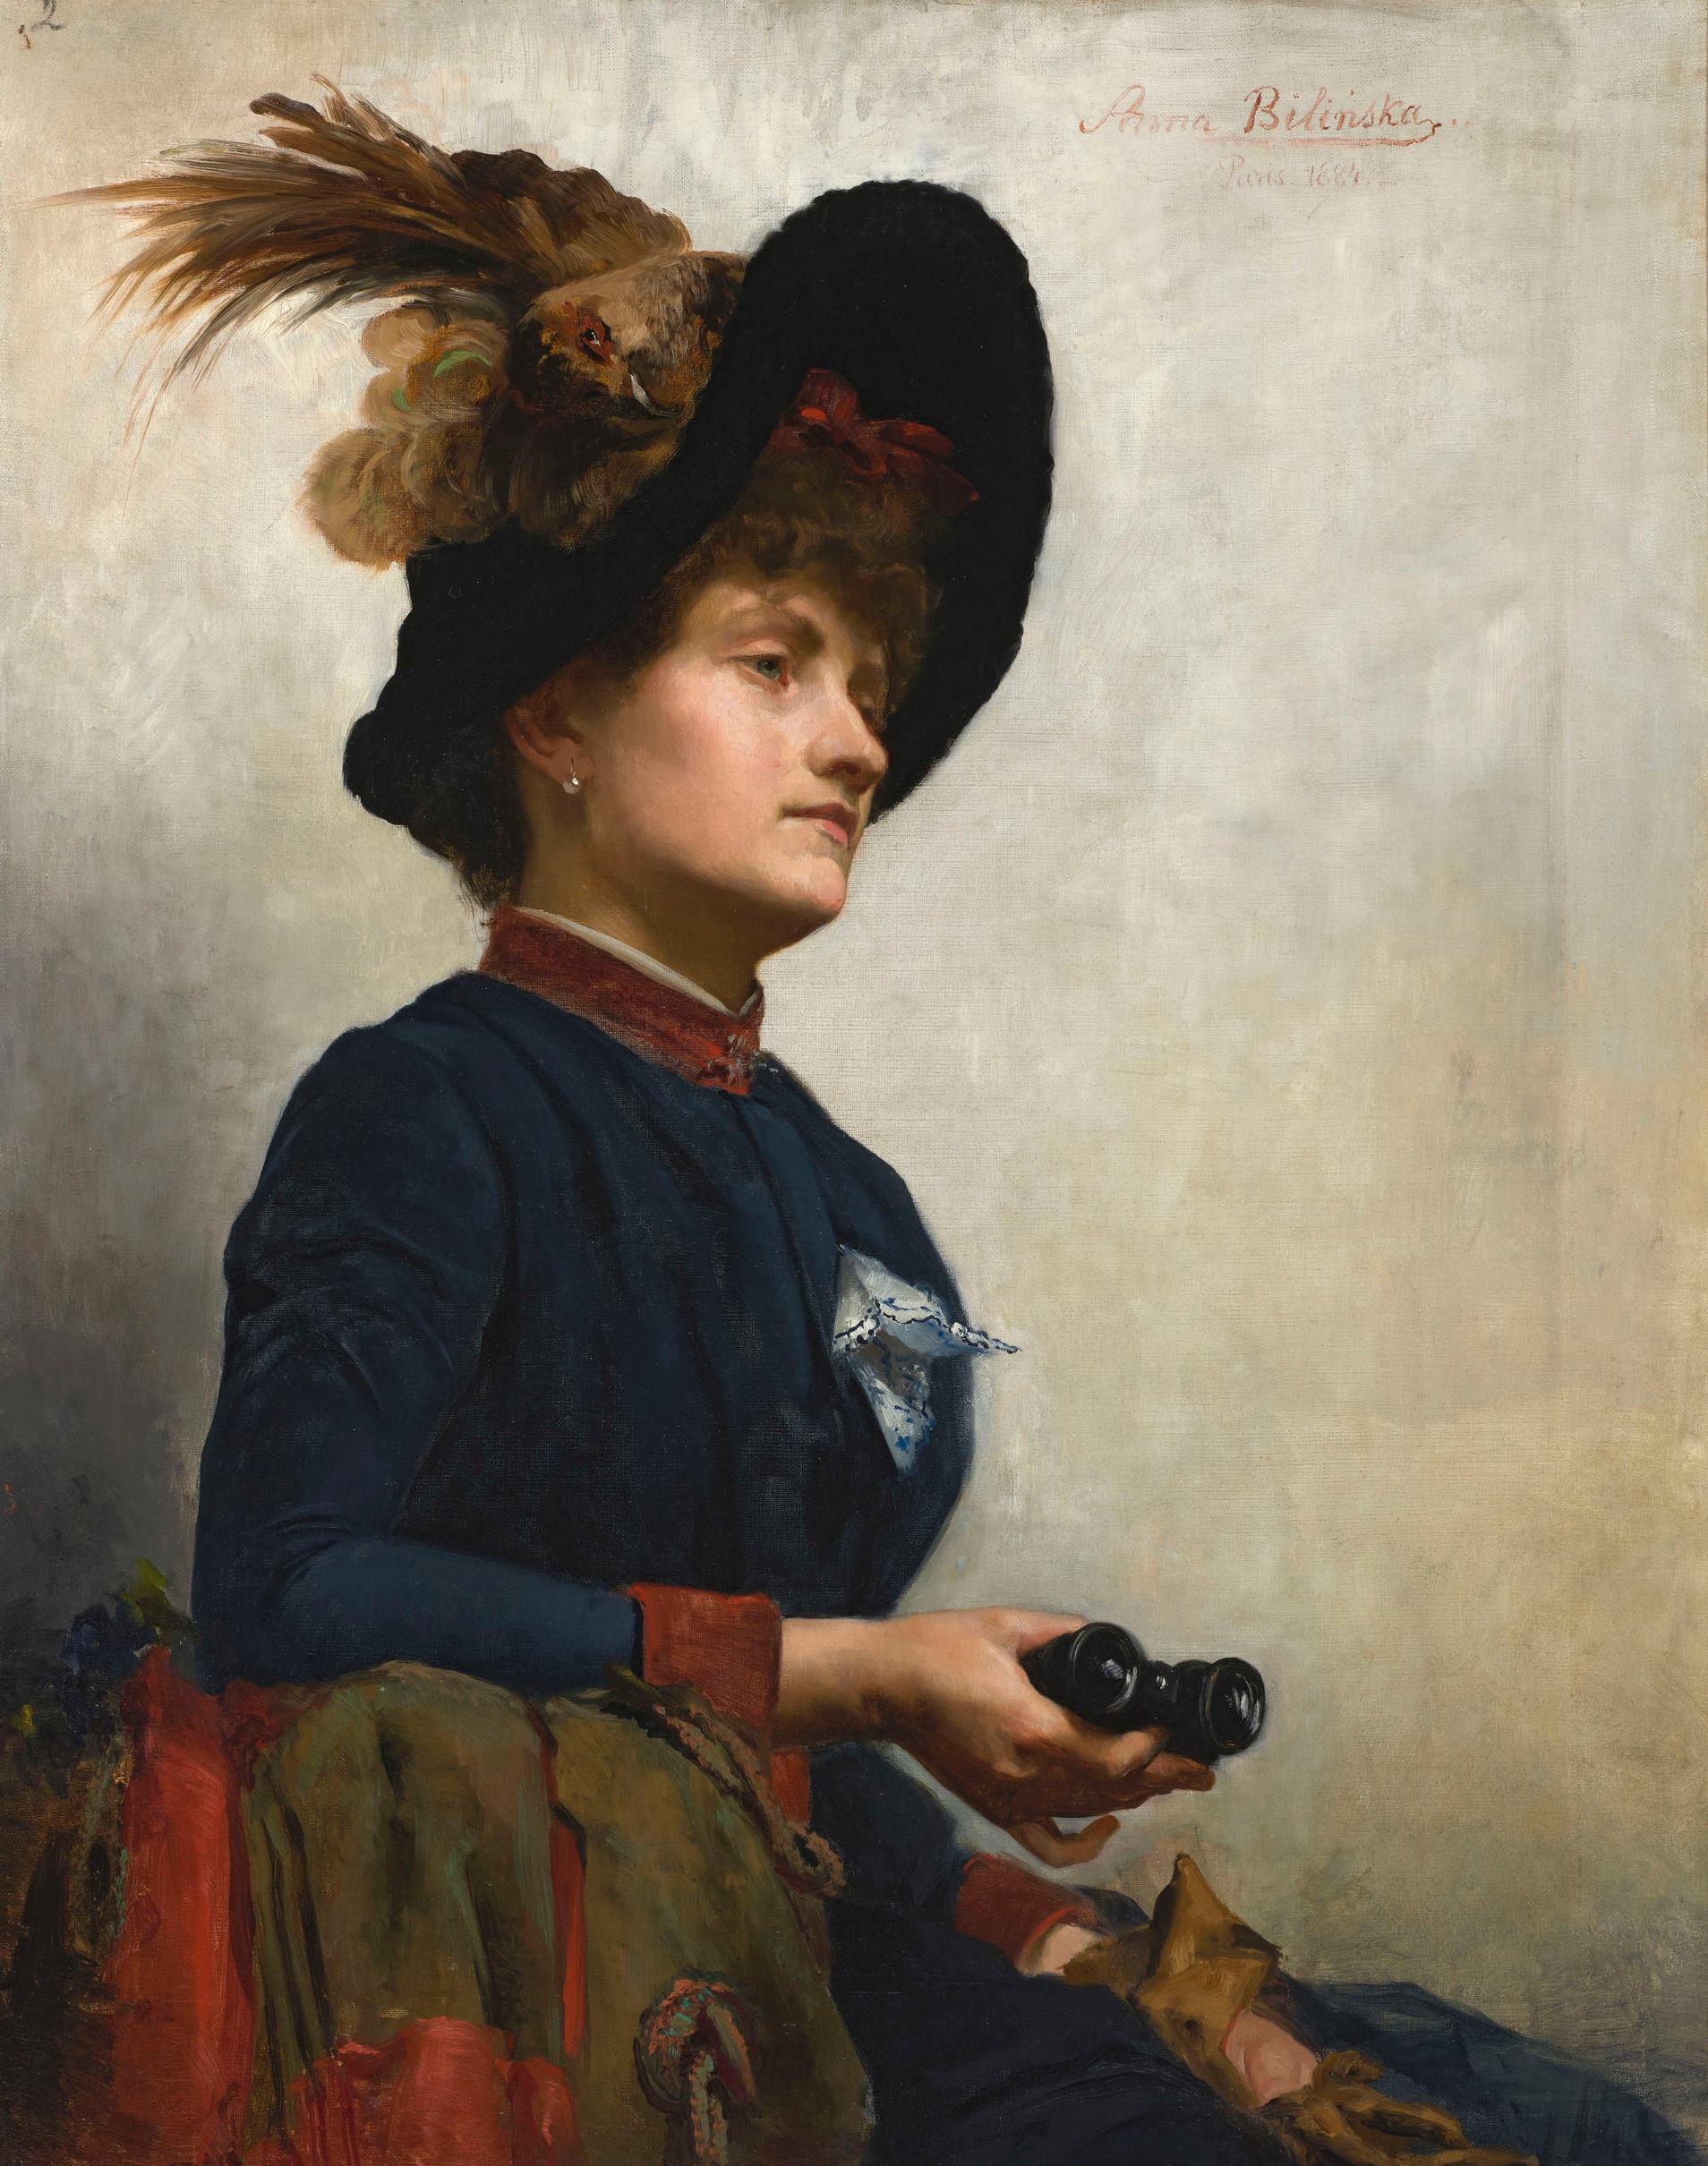 """Anna Bilińska-Bohdanowiczowa """"Portret damy z lornetką"""", 1884 rok, źródło: Muzeum Narodowe w Warszawie"""